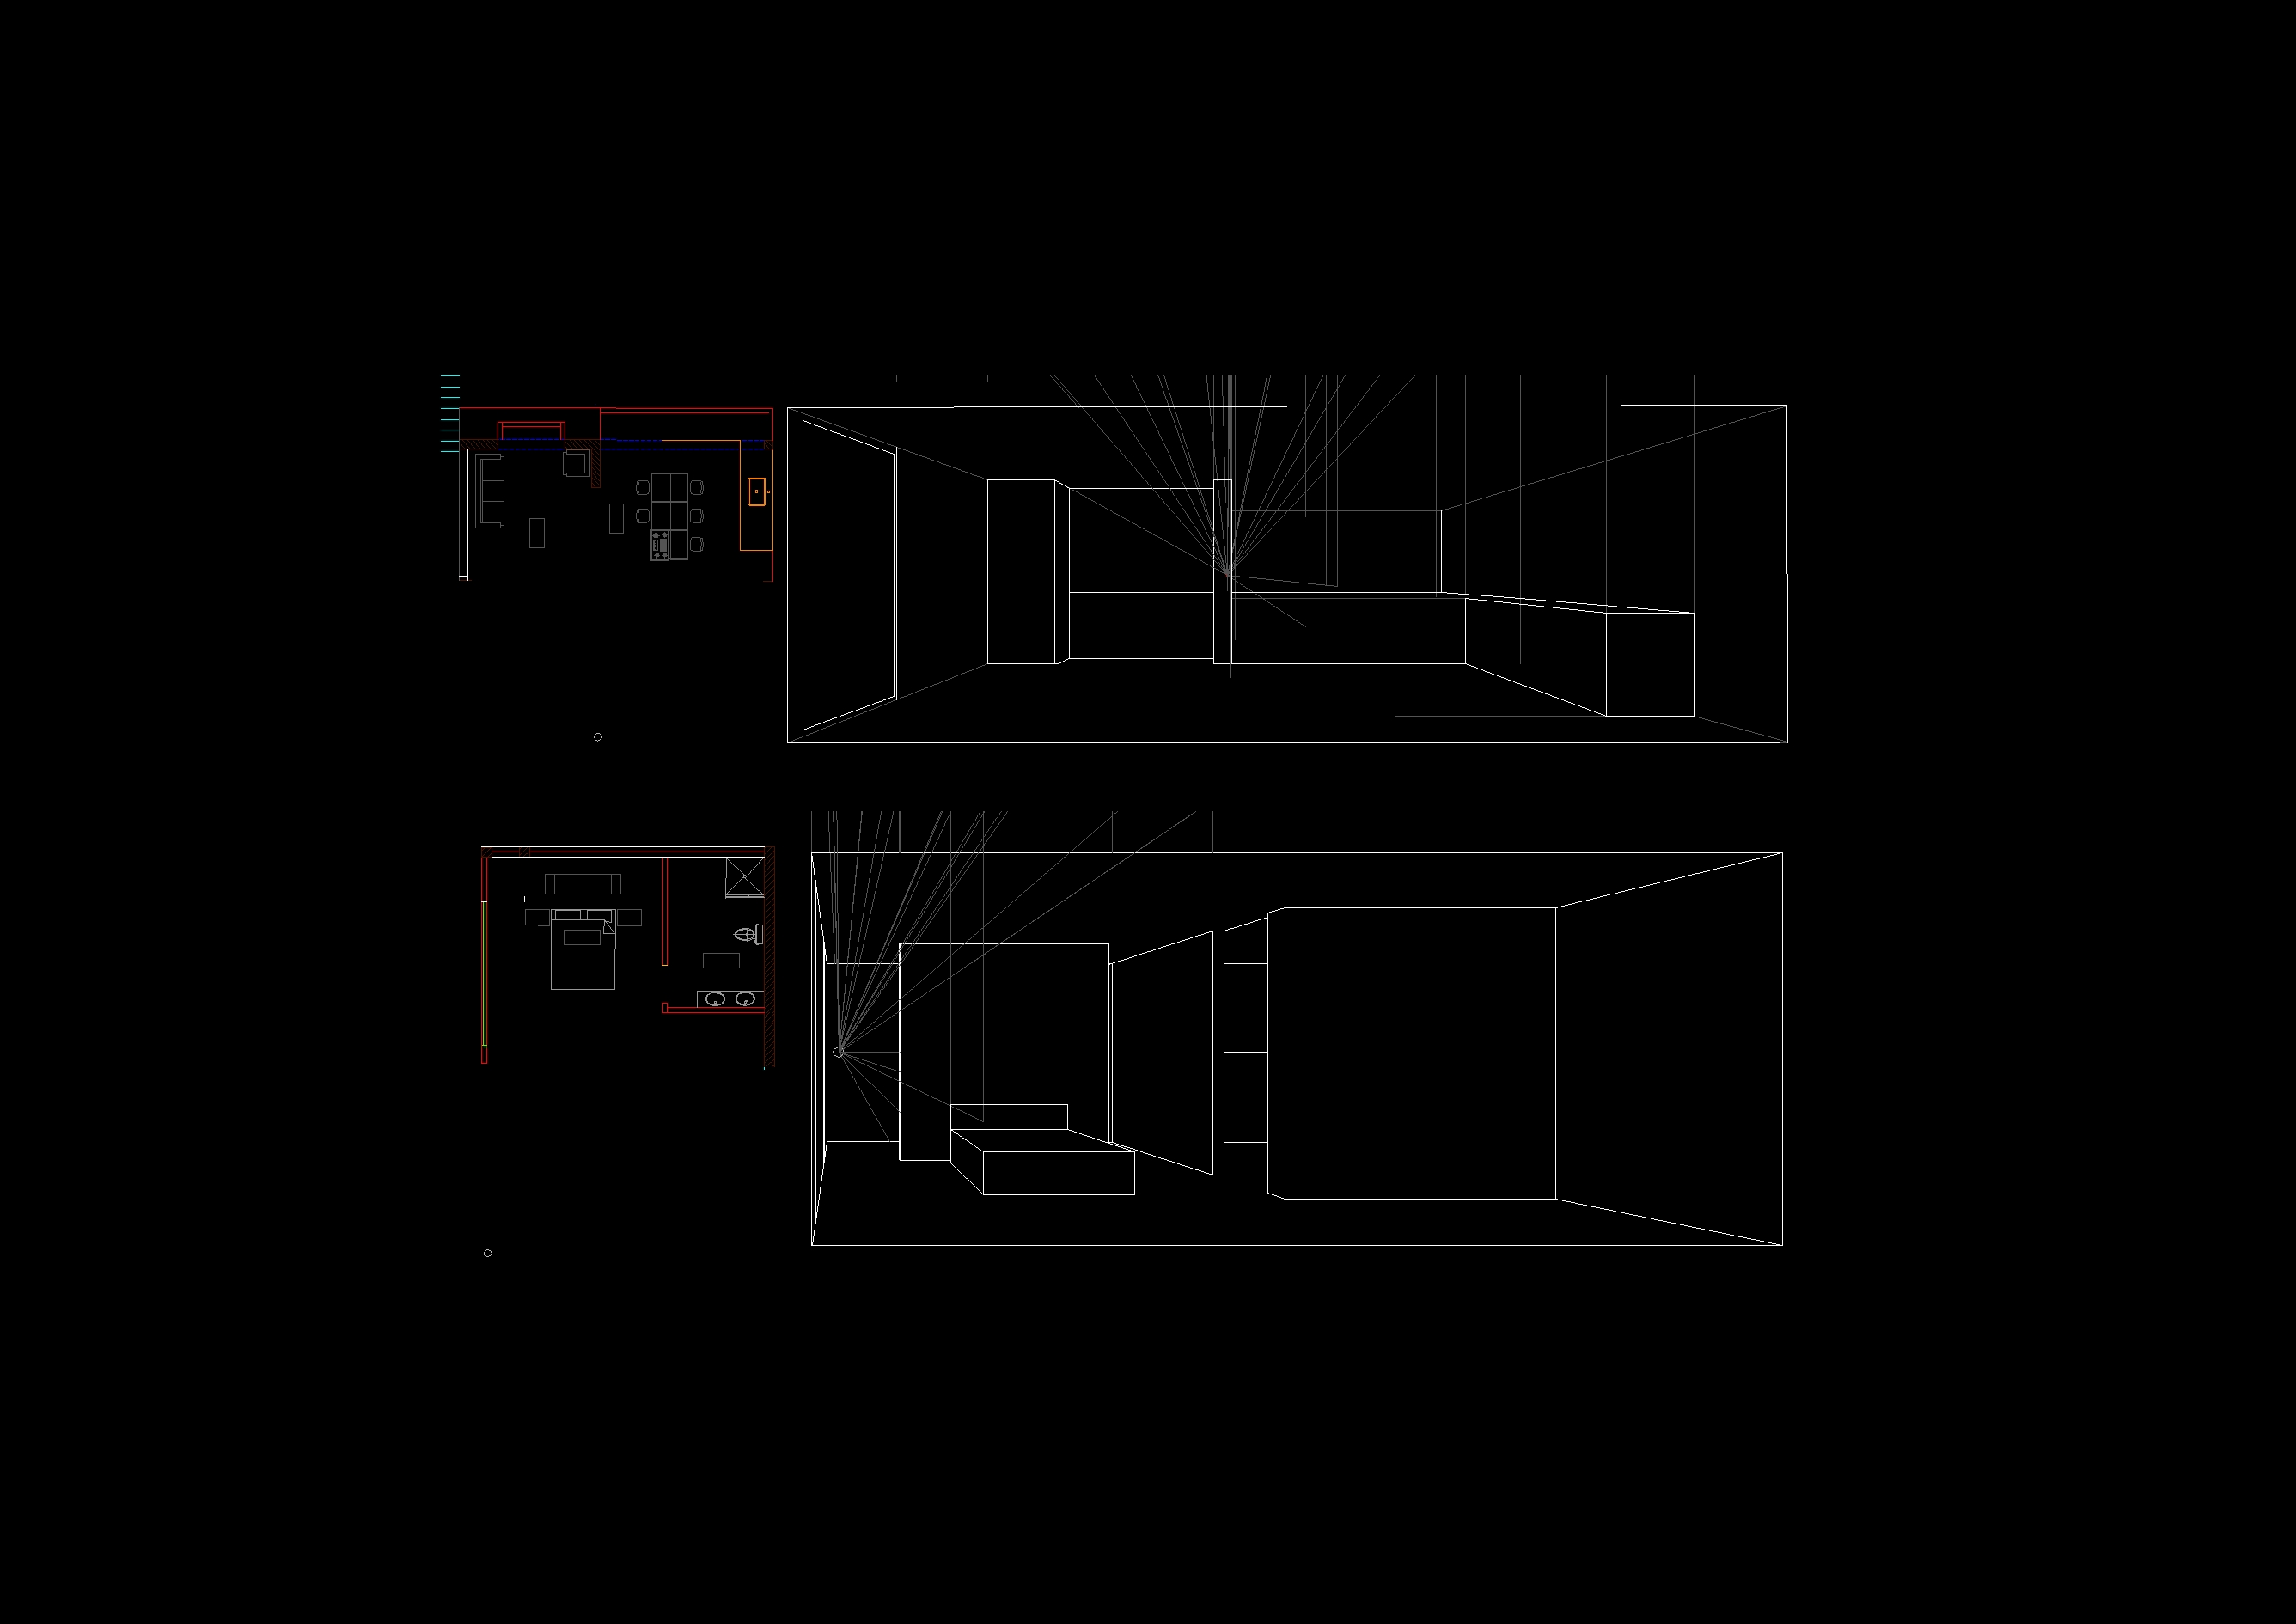 Descarga gratis perspectiva de casa moderna planos y for Casa moderna autocad